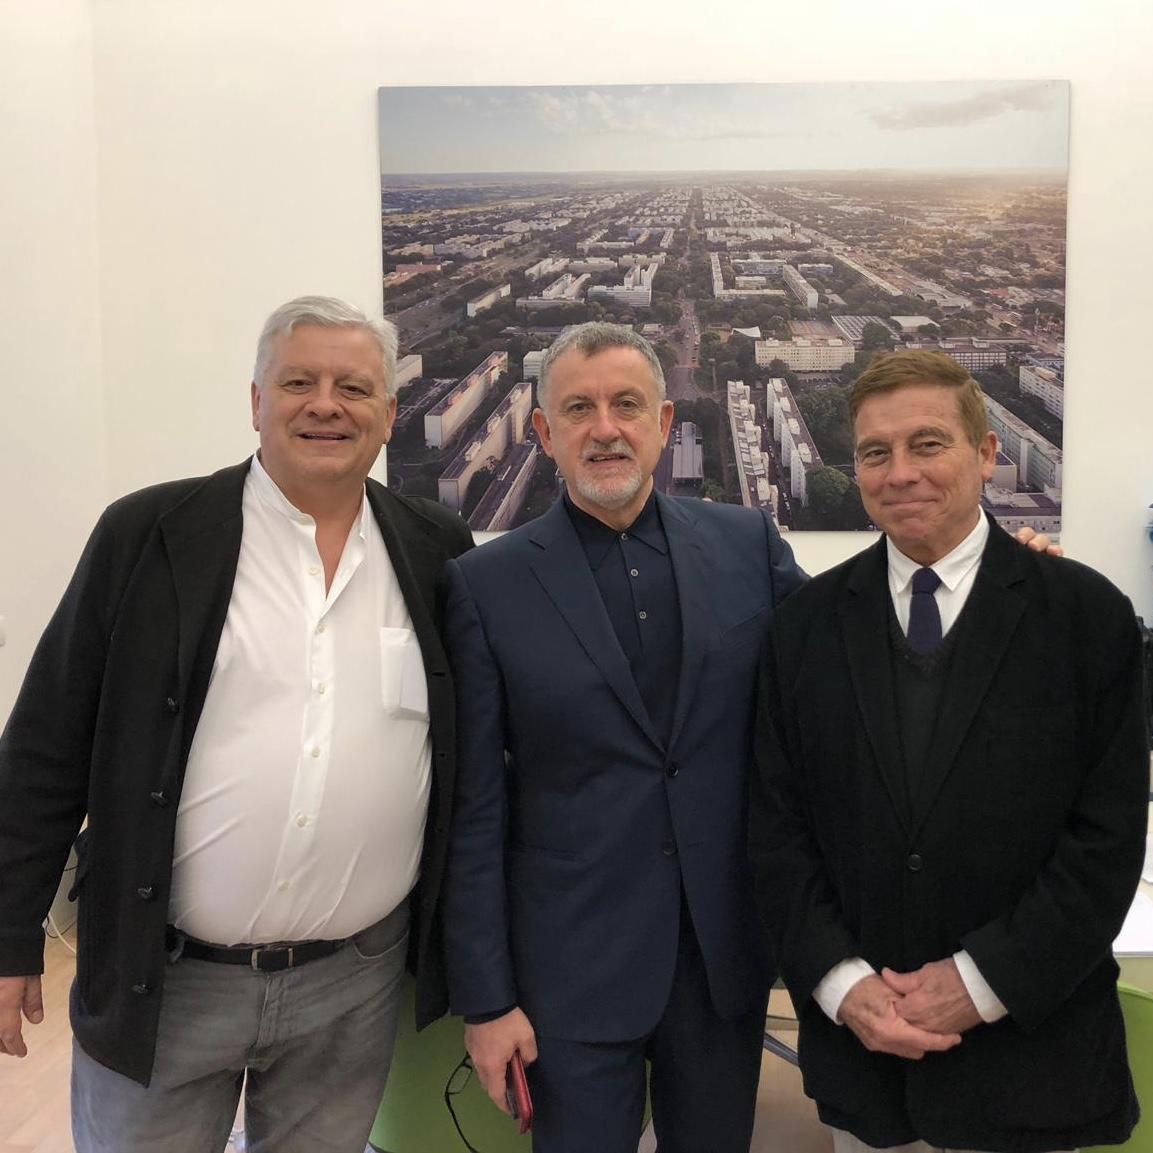 Alessandro Rocca e Alberto Campo Baeza - courtesy Politecnico di Milano